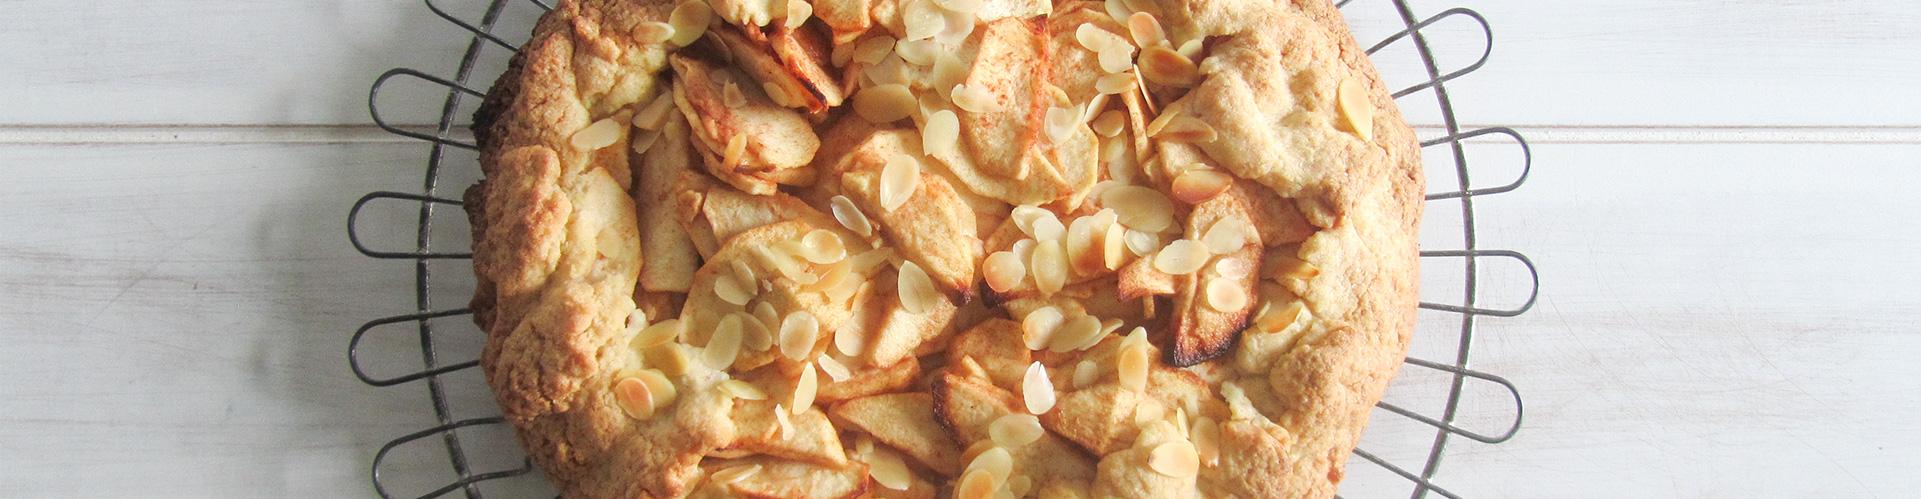 Easy apple galette